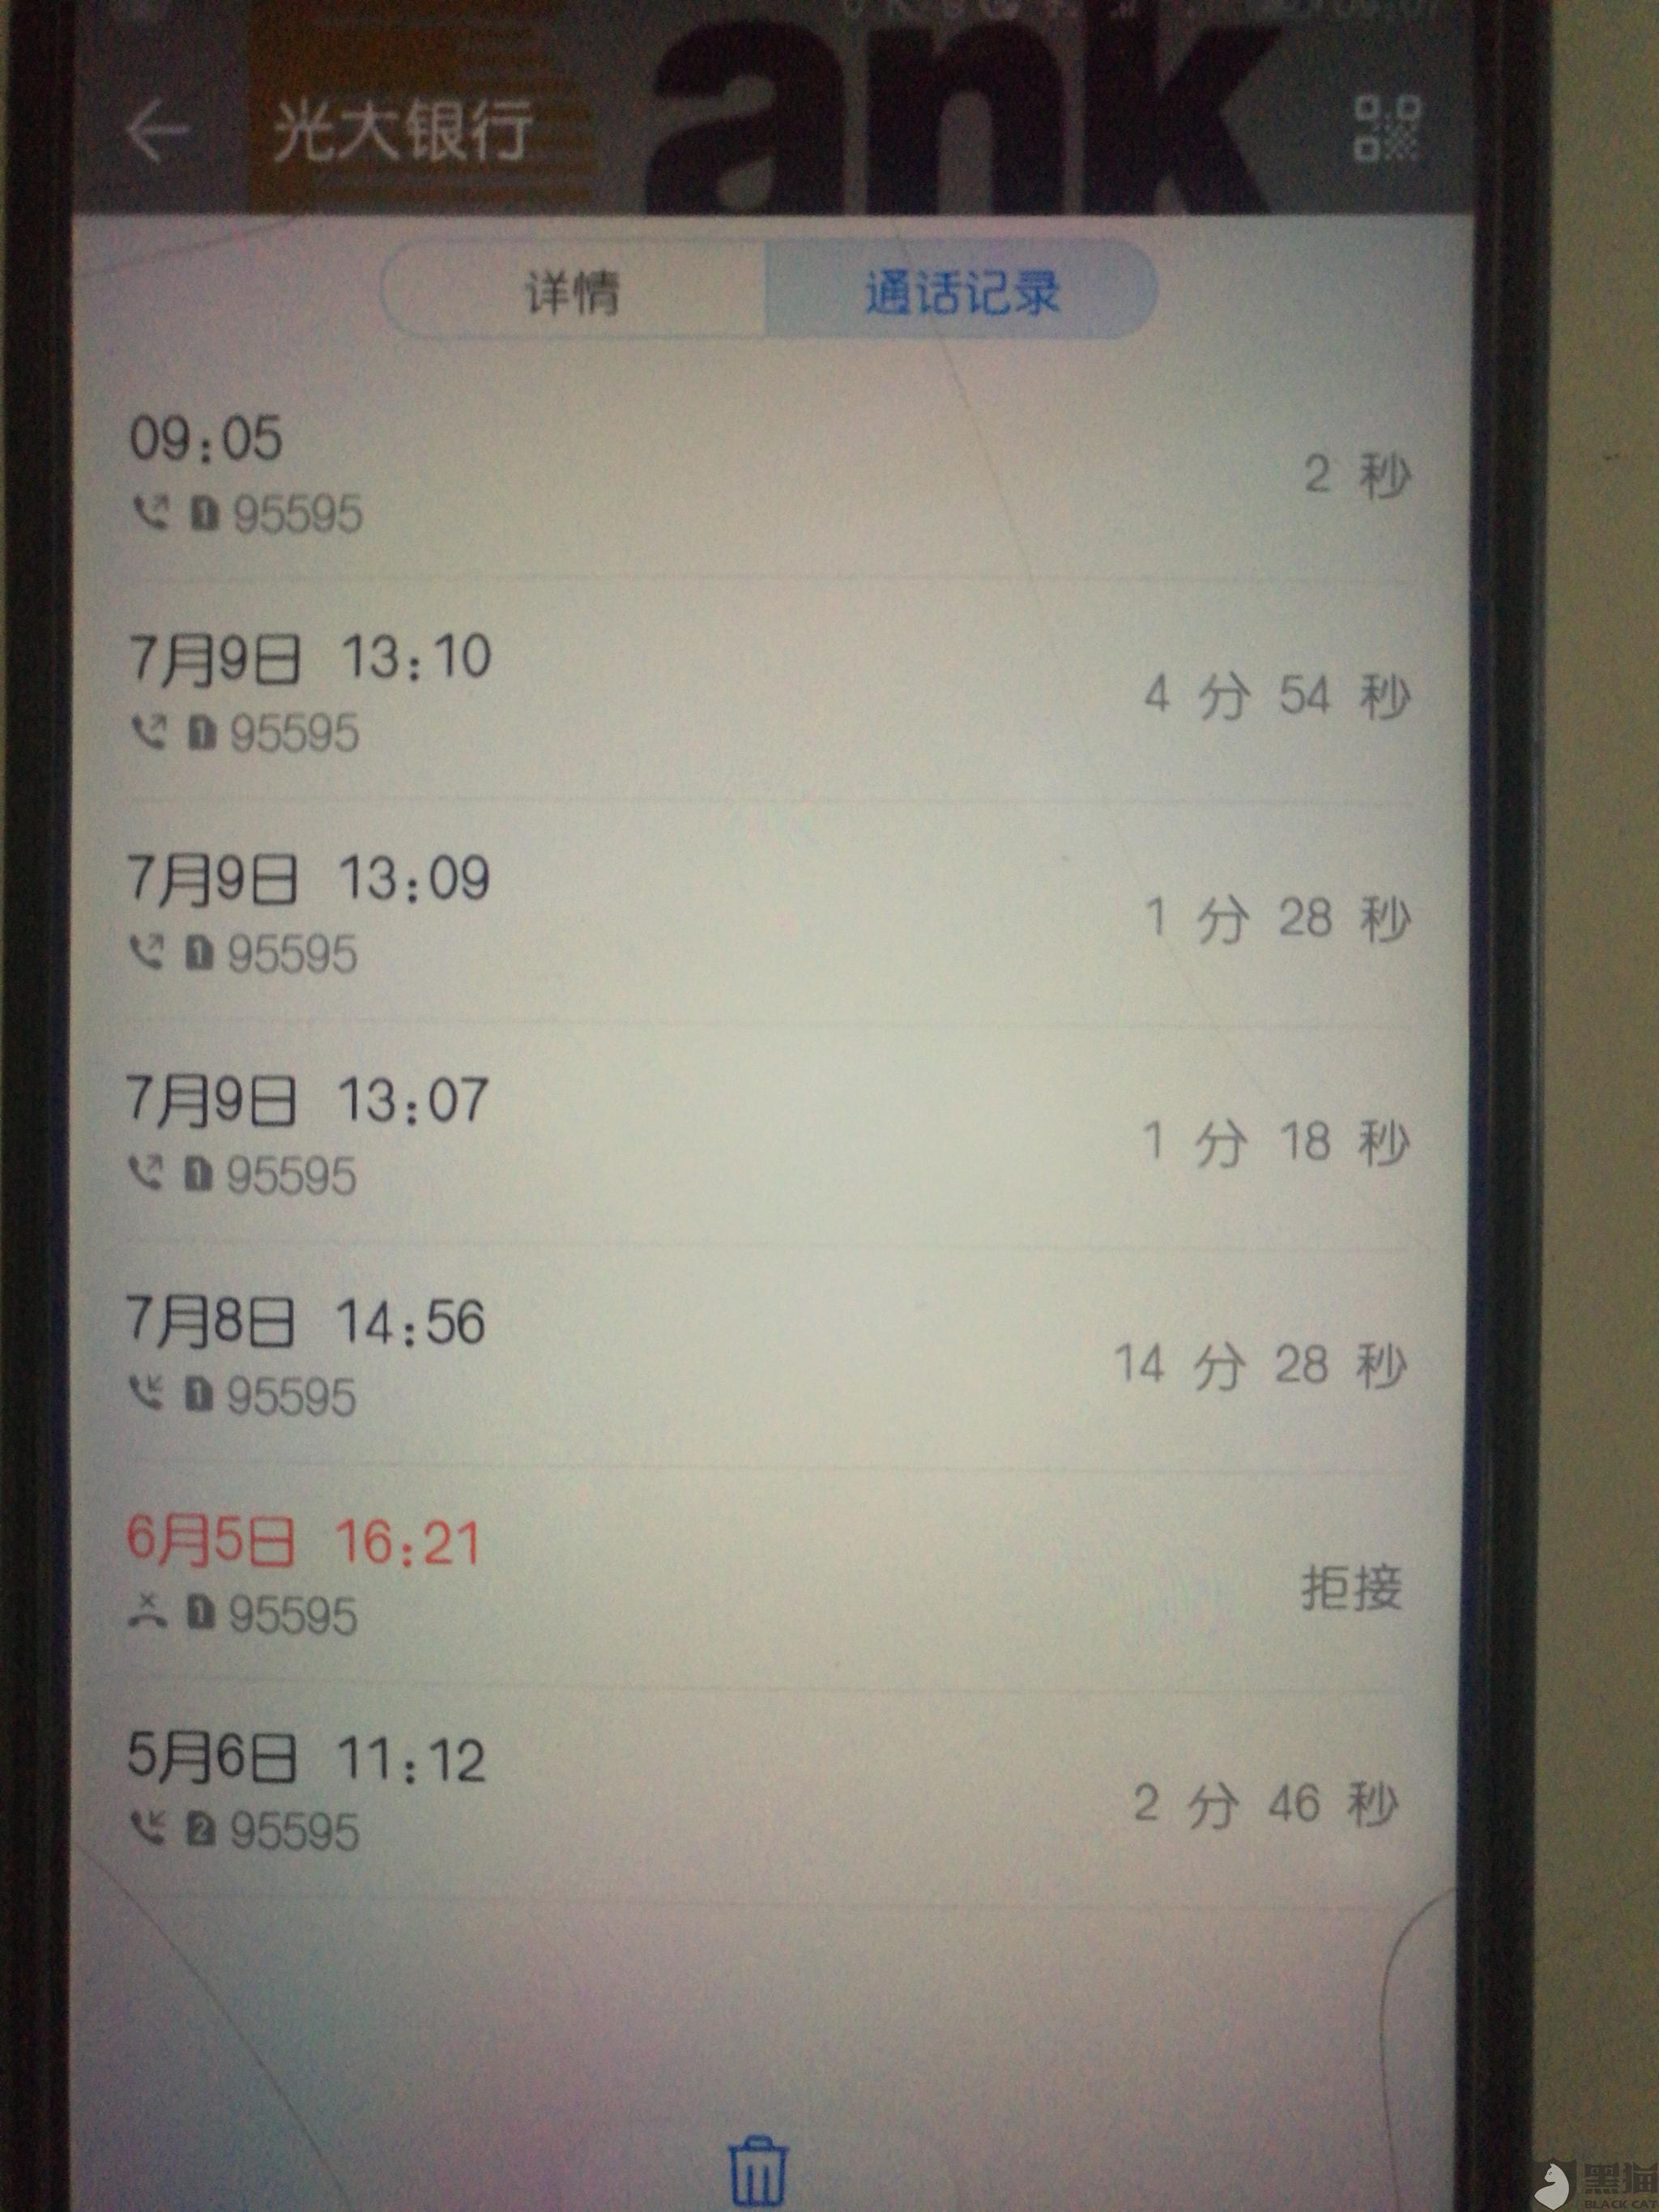 黑猫投诉:中国光大银行打电话告诉我取现分期手续费说打客服电话不扣